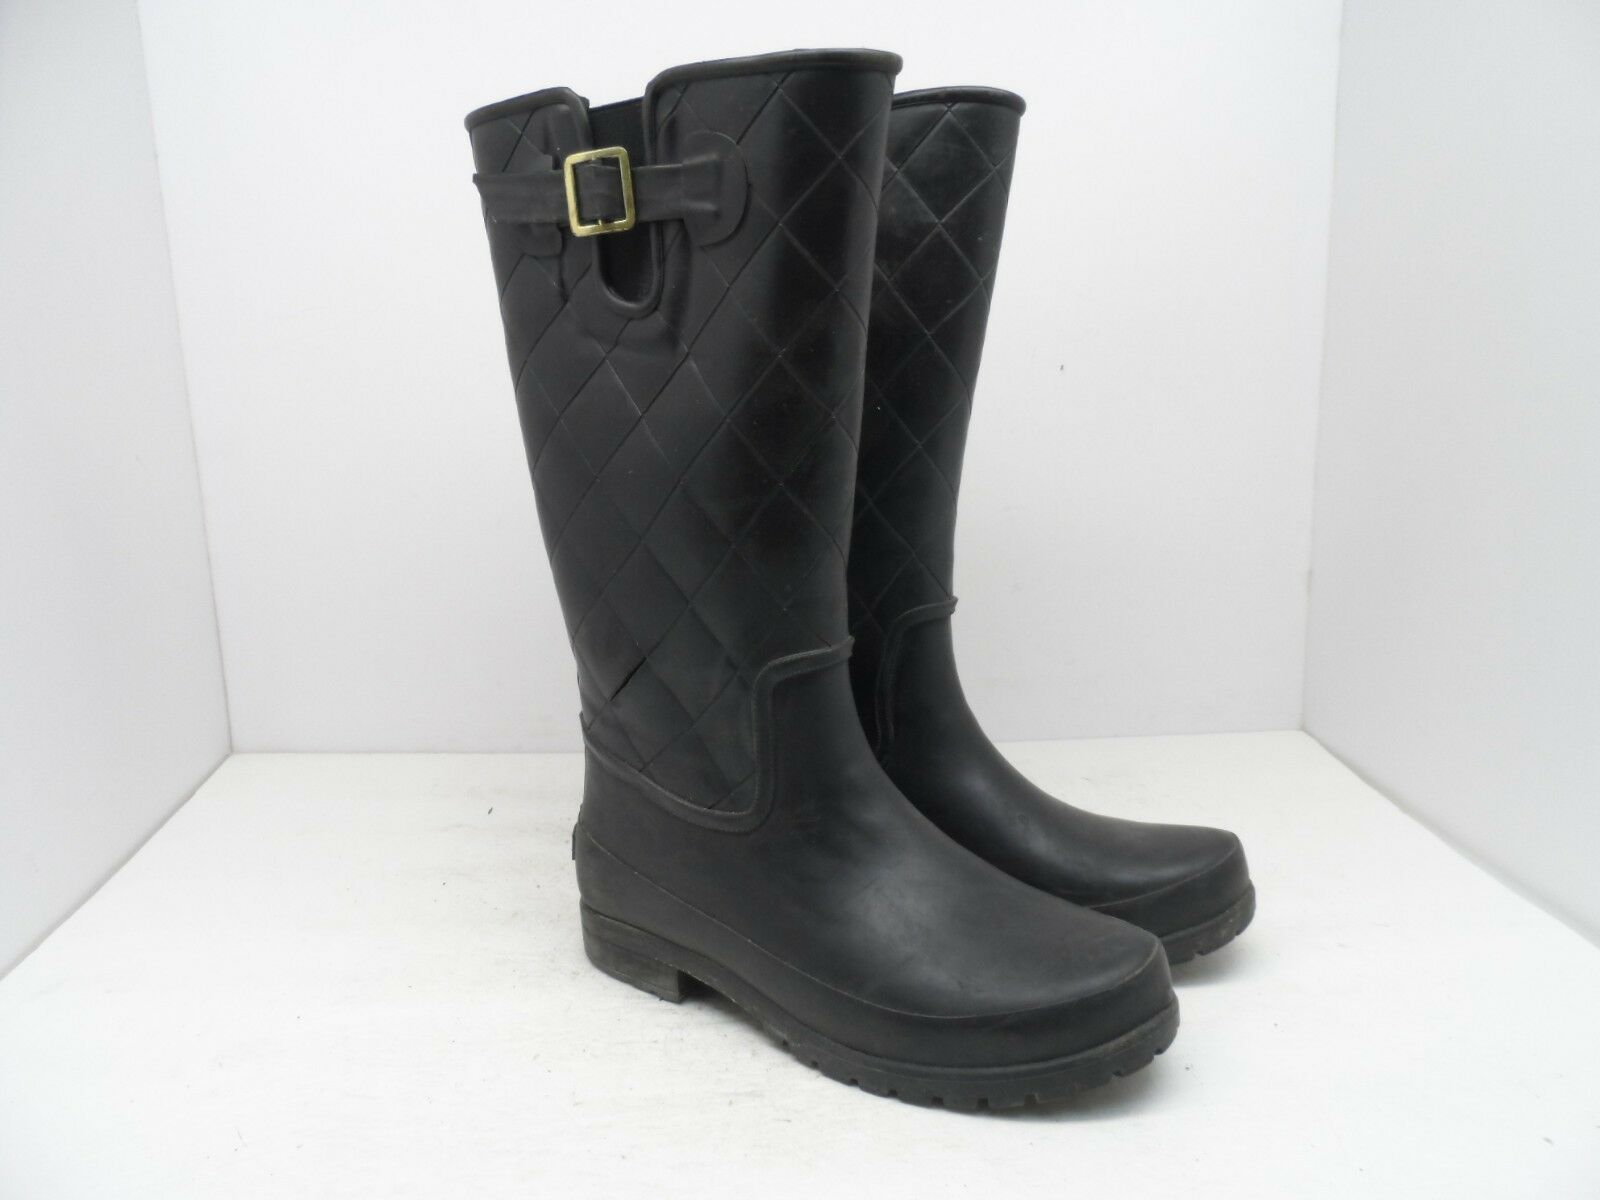 WINDRIVER Rain Women's Venice Rain WINDRIVER Boot Black Size 7M ae656d